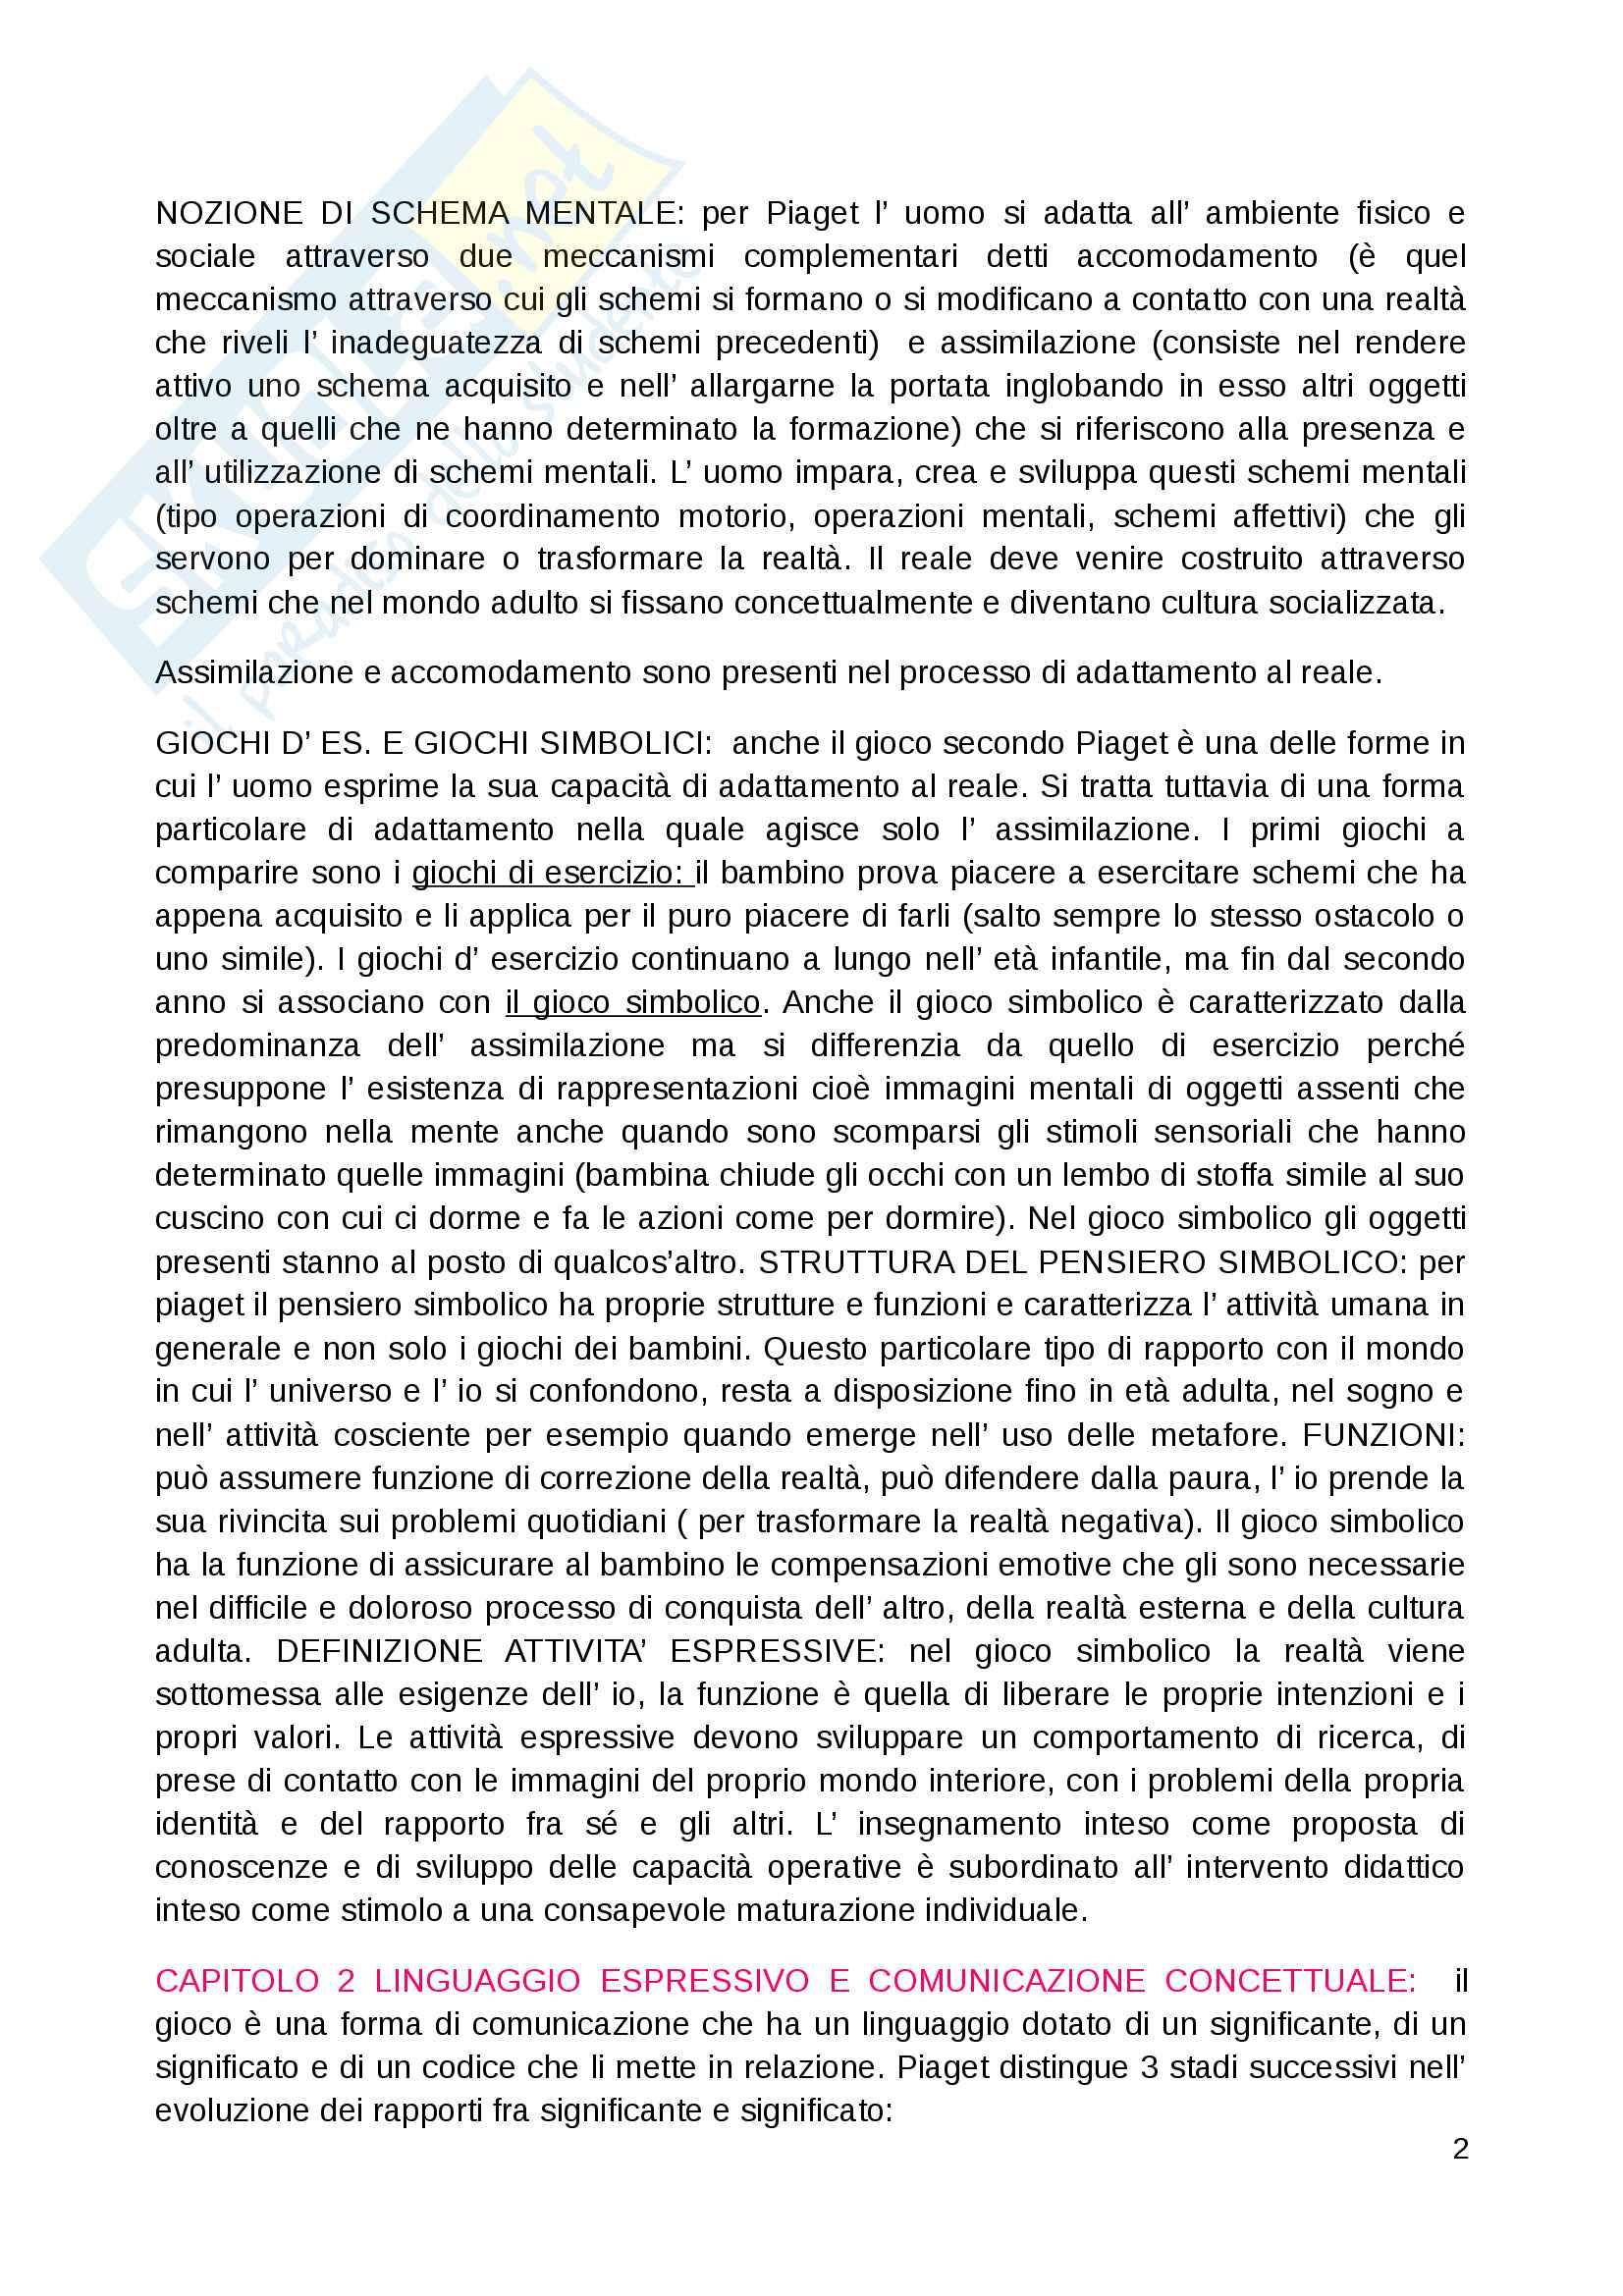 """Riassunto esame Educazione musicale, prof. Luisa Curinga, libri consigliati """"Suoni e significati"""" di Baroni Mario, """"Teorie, metodi e pratiche"""" di Johannella Tafuri e """"Nascere musicali"""" di Johannella Tafuri Pag. 2"""